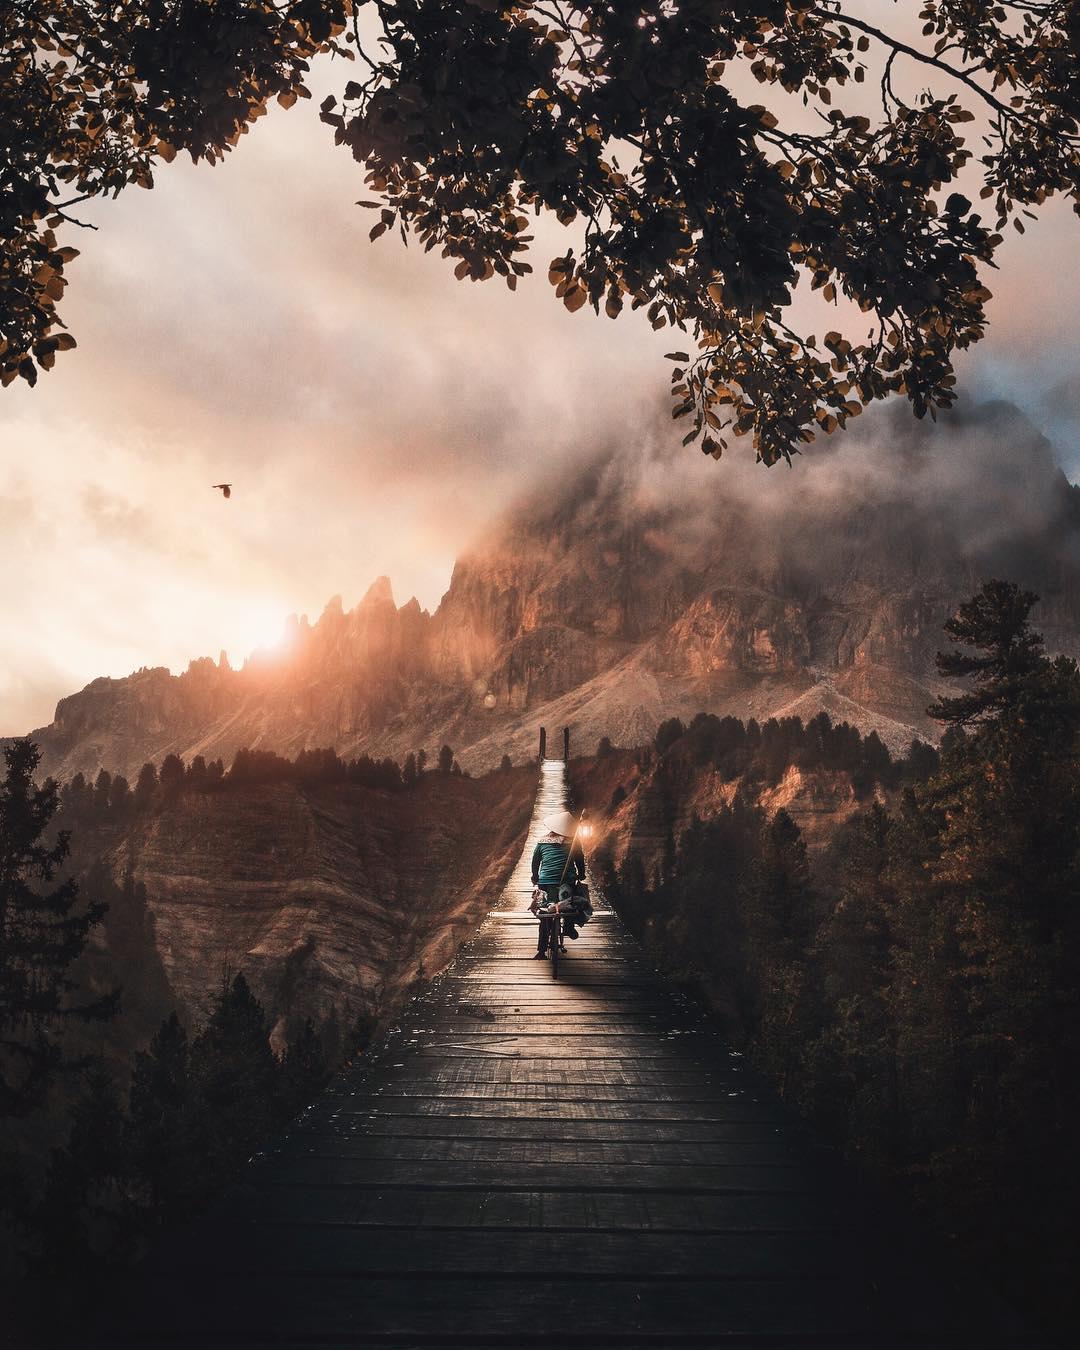 Сказочные фотоманипуляции от Уэсли Грима